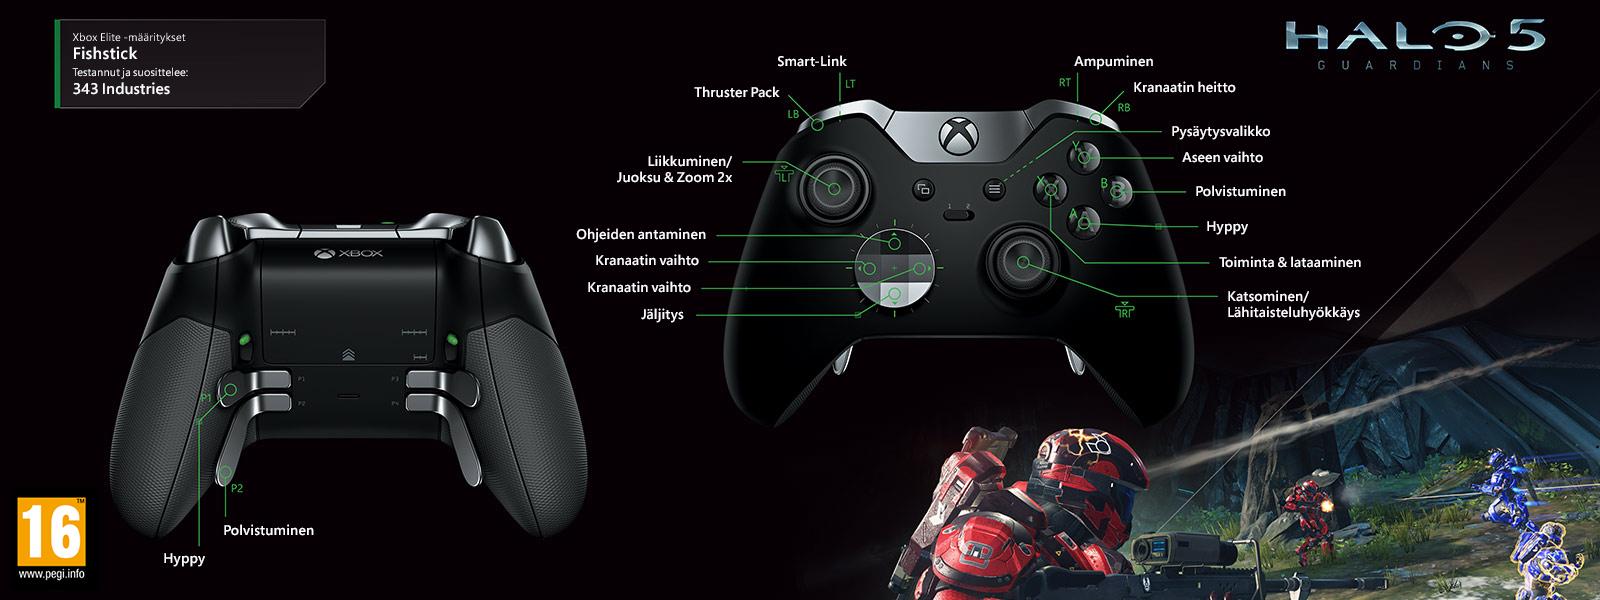 Halo 5 – Fishstick-tyylinen Elite-määritys